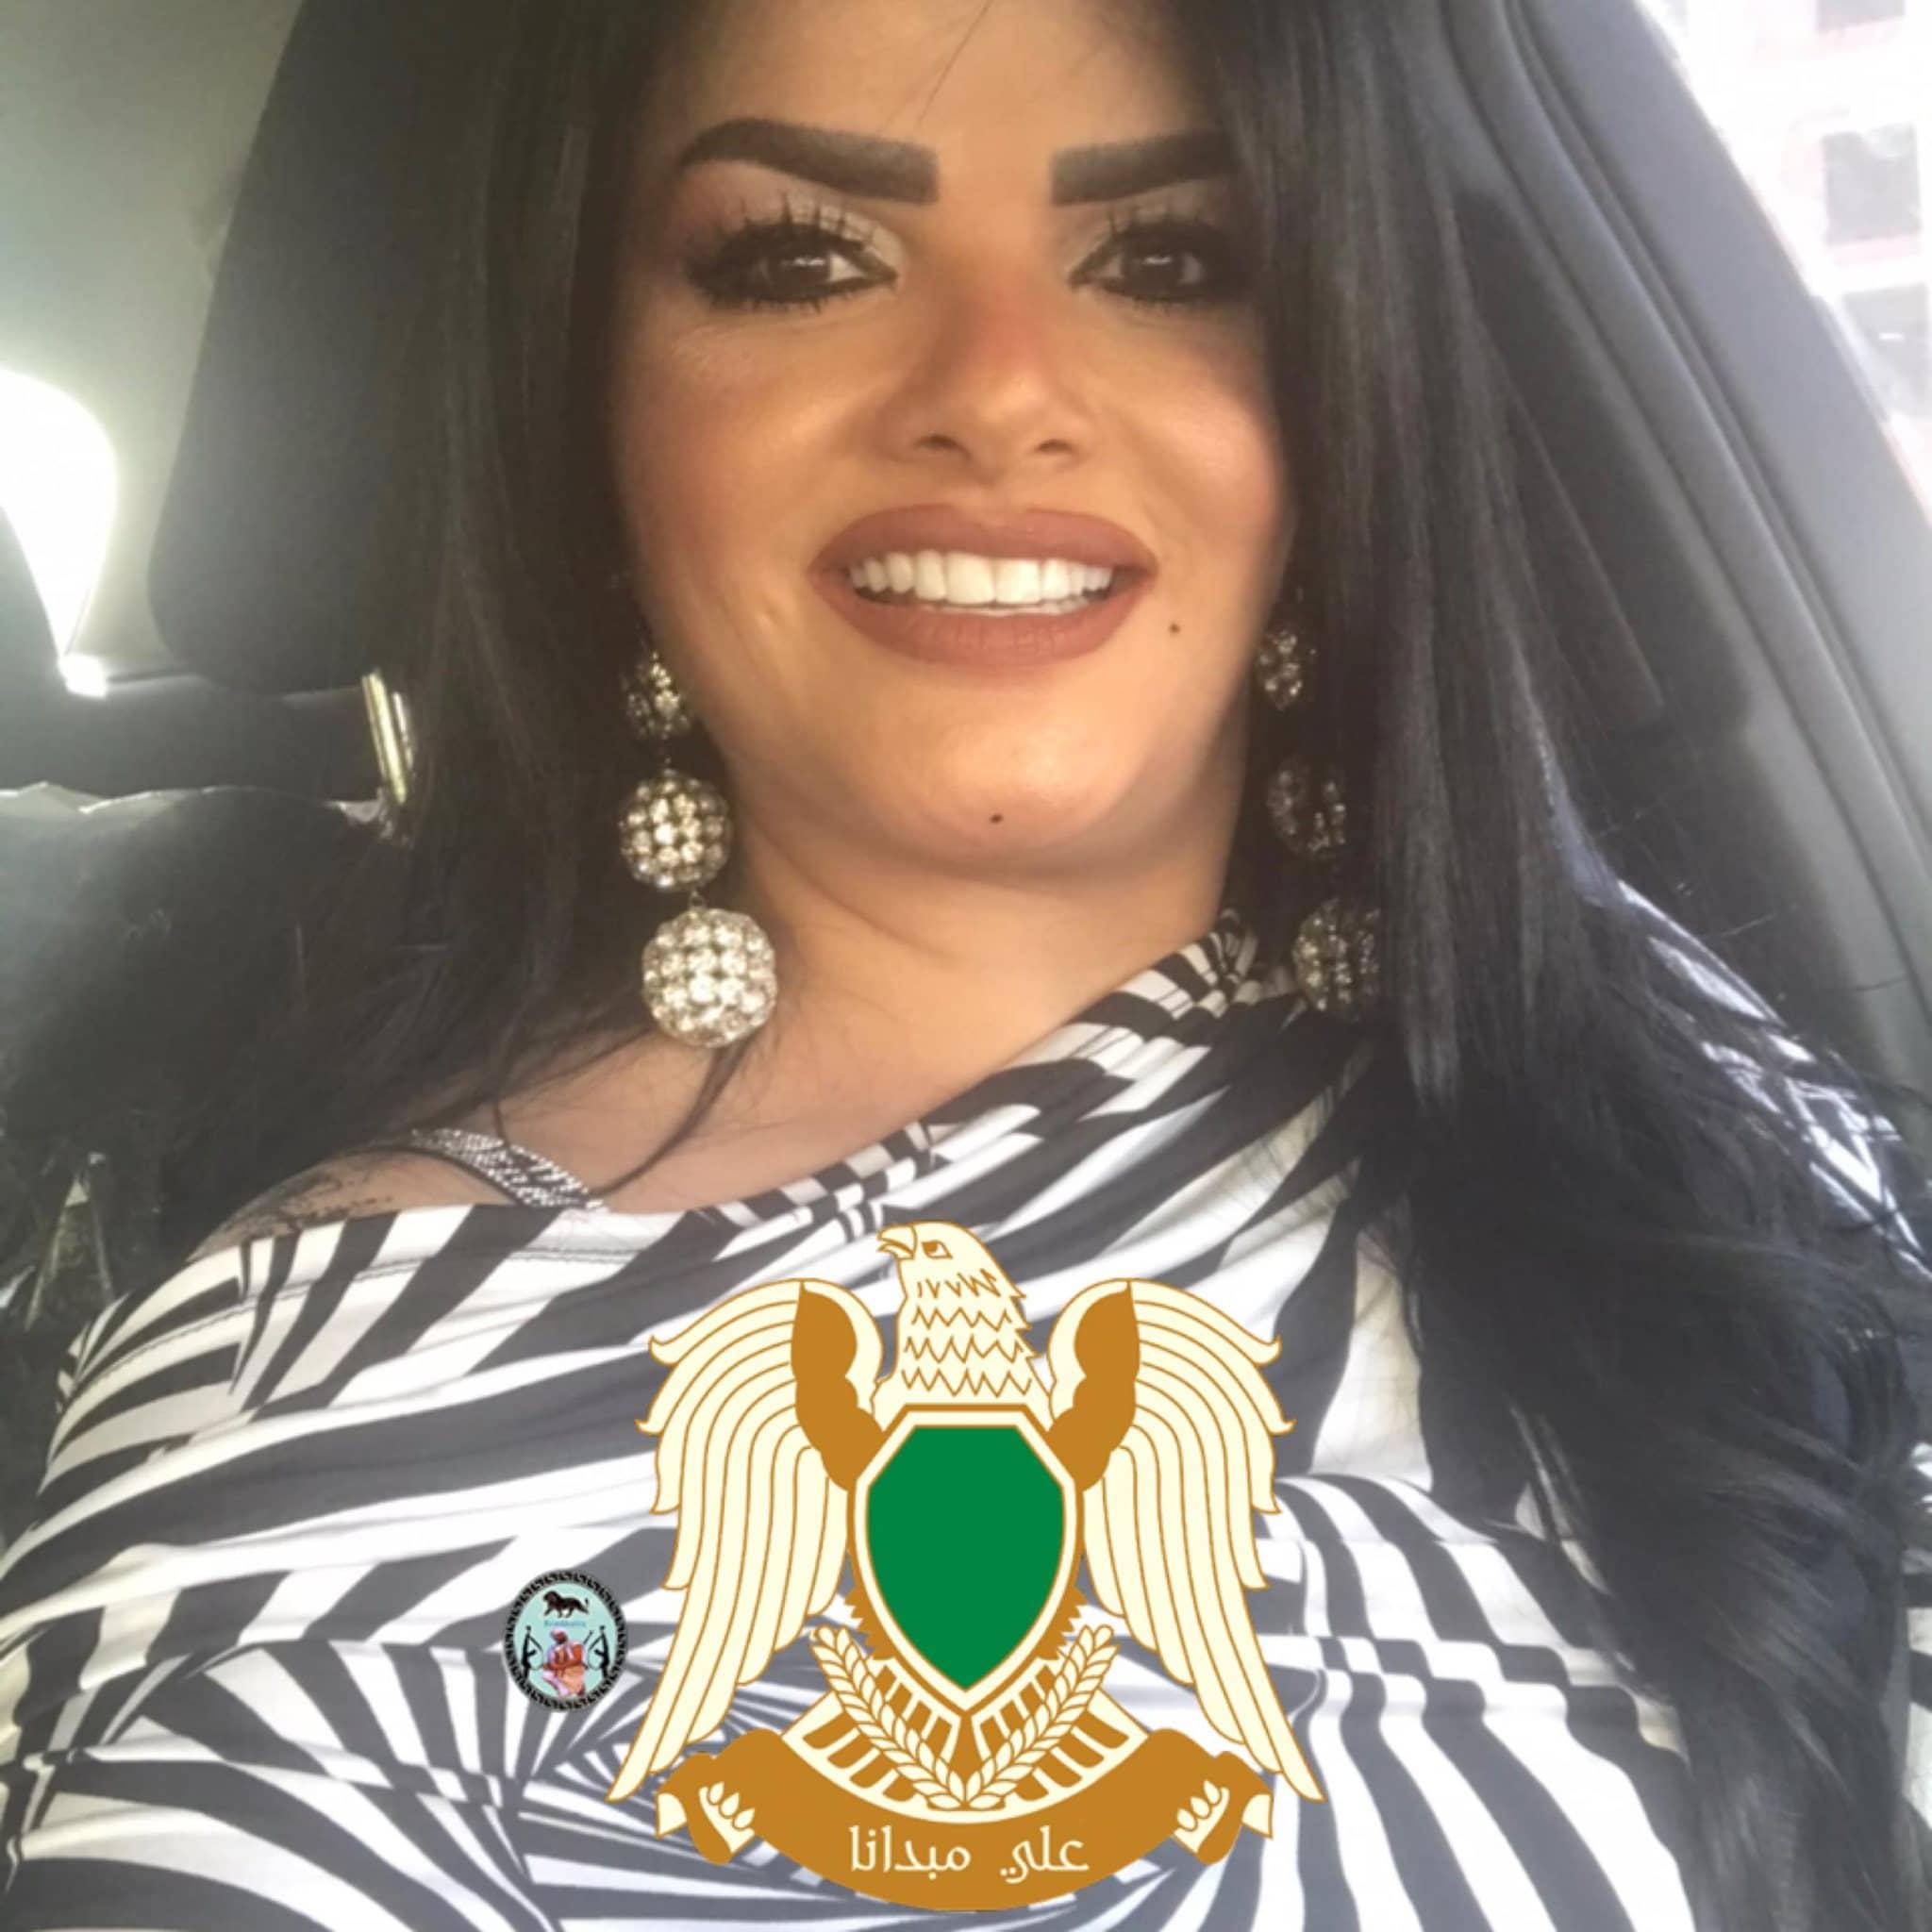 المحمودي حارسة القذافي